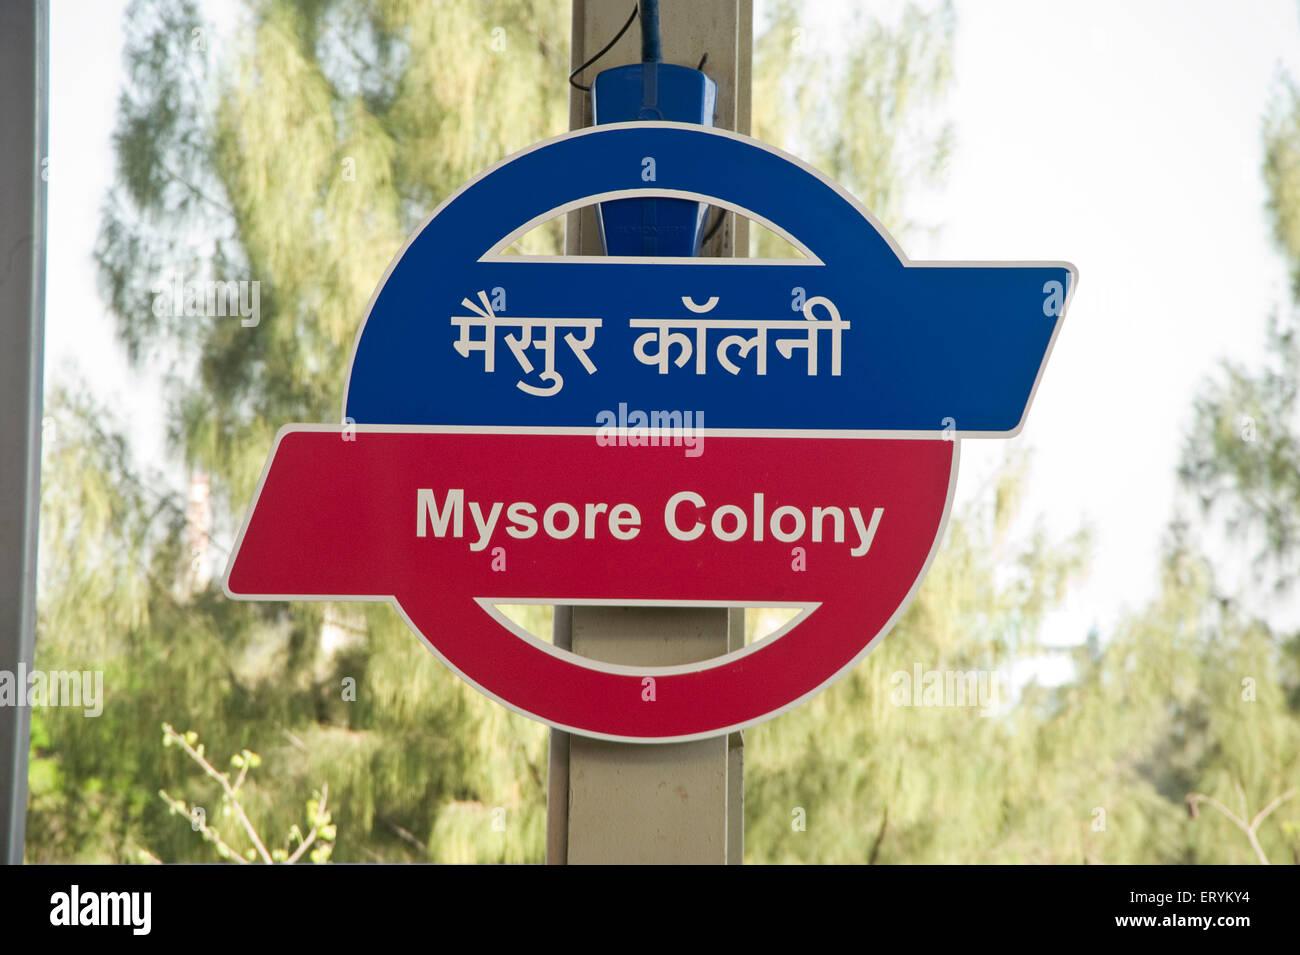 mysore colony monorail station mumbai Maharashtra India Asia - Stock Image